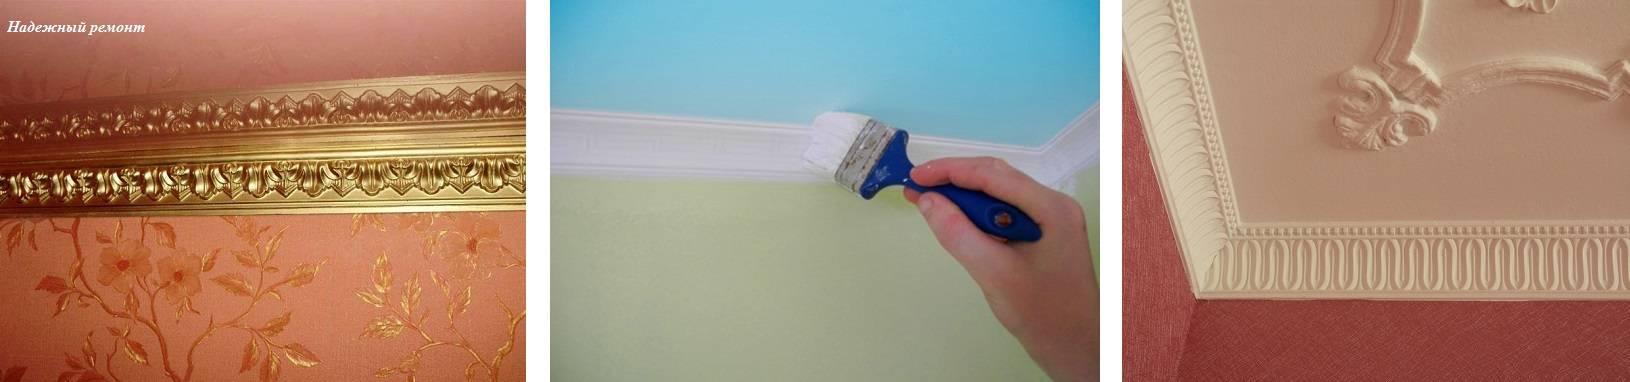 Покраска потолочного плинтуса, какую краску выбрать, как правильно покрасить плинтус из пенопласта, подробно на фото и видео